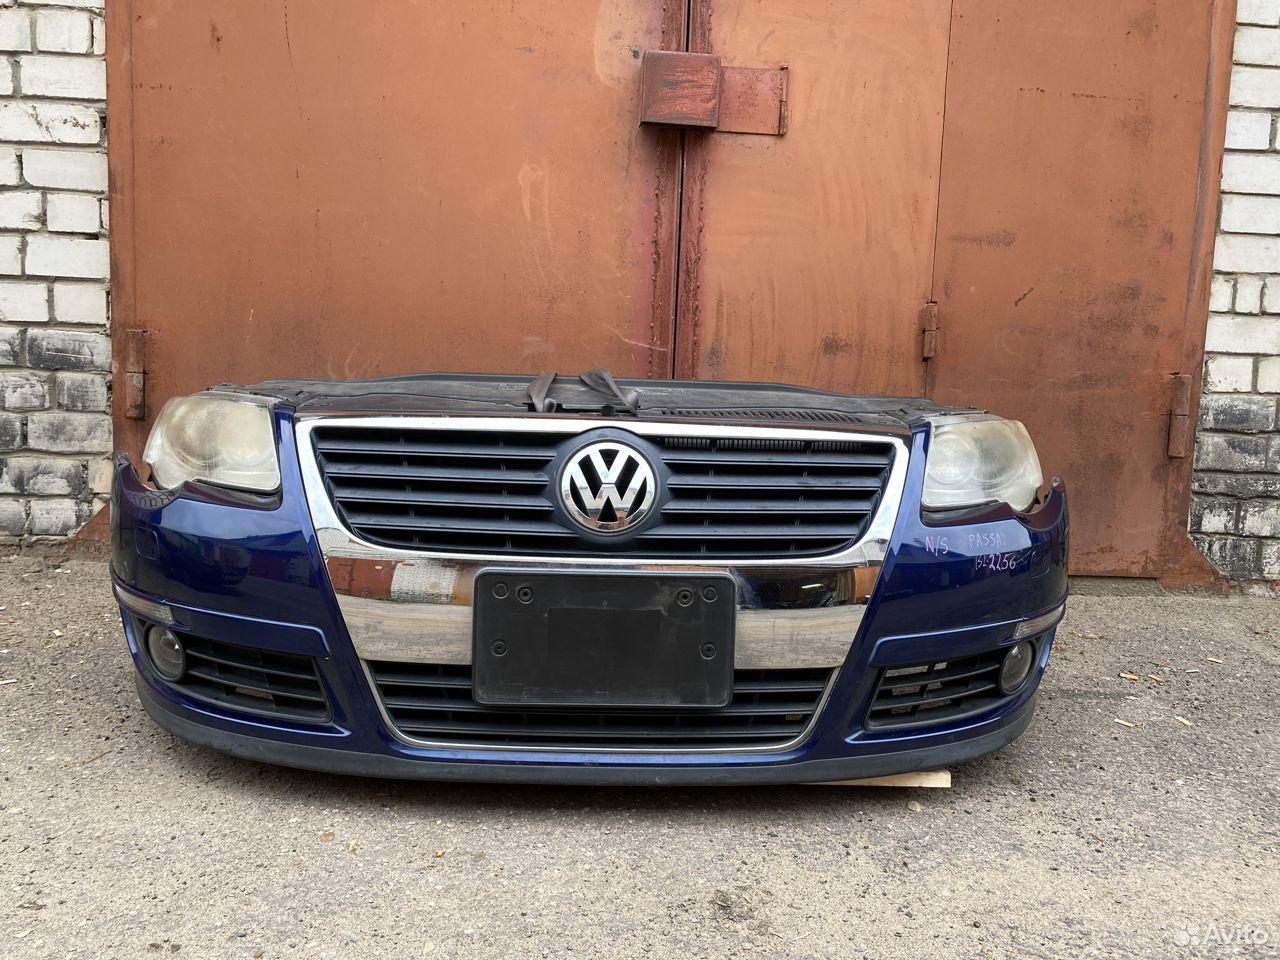 Ноускат Volkswagen Passat B6 №2  89534684247 купить 3